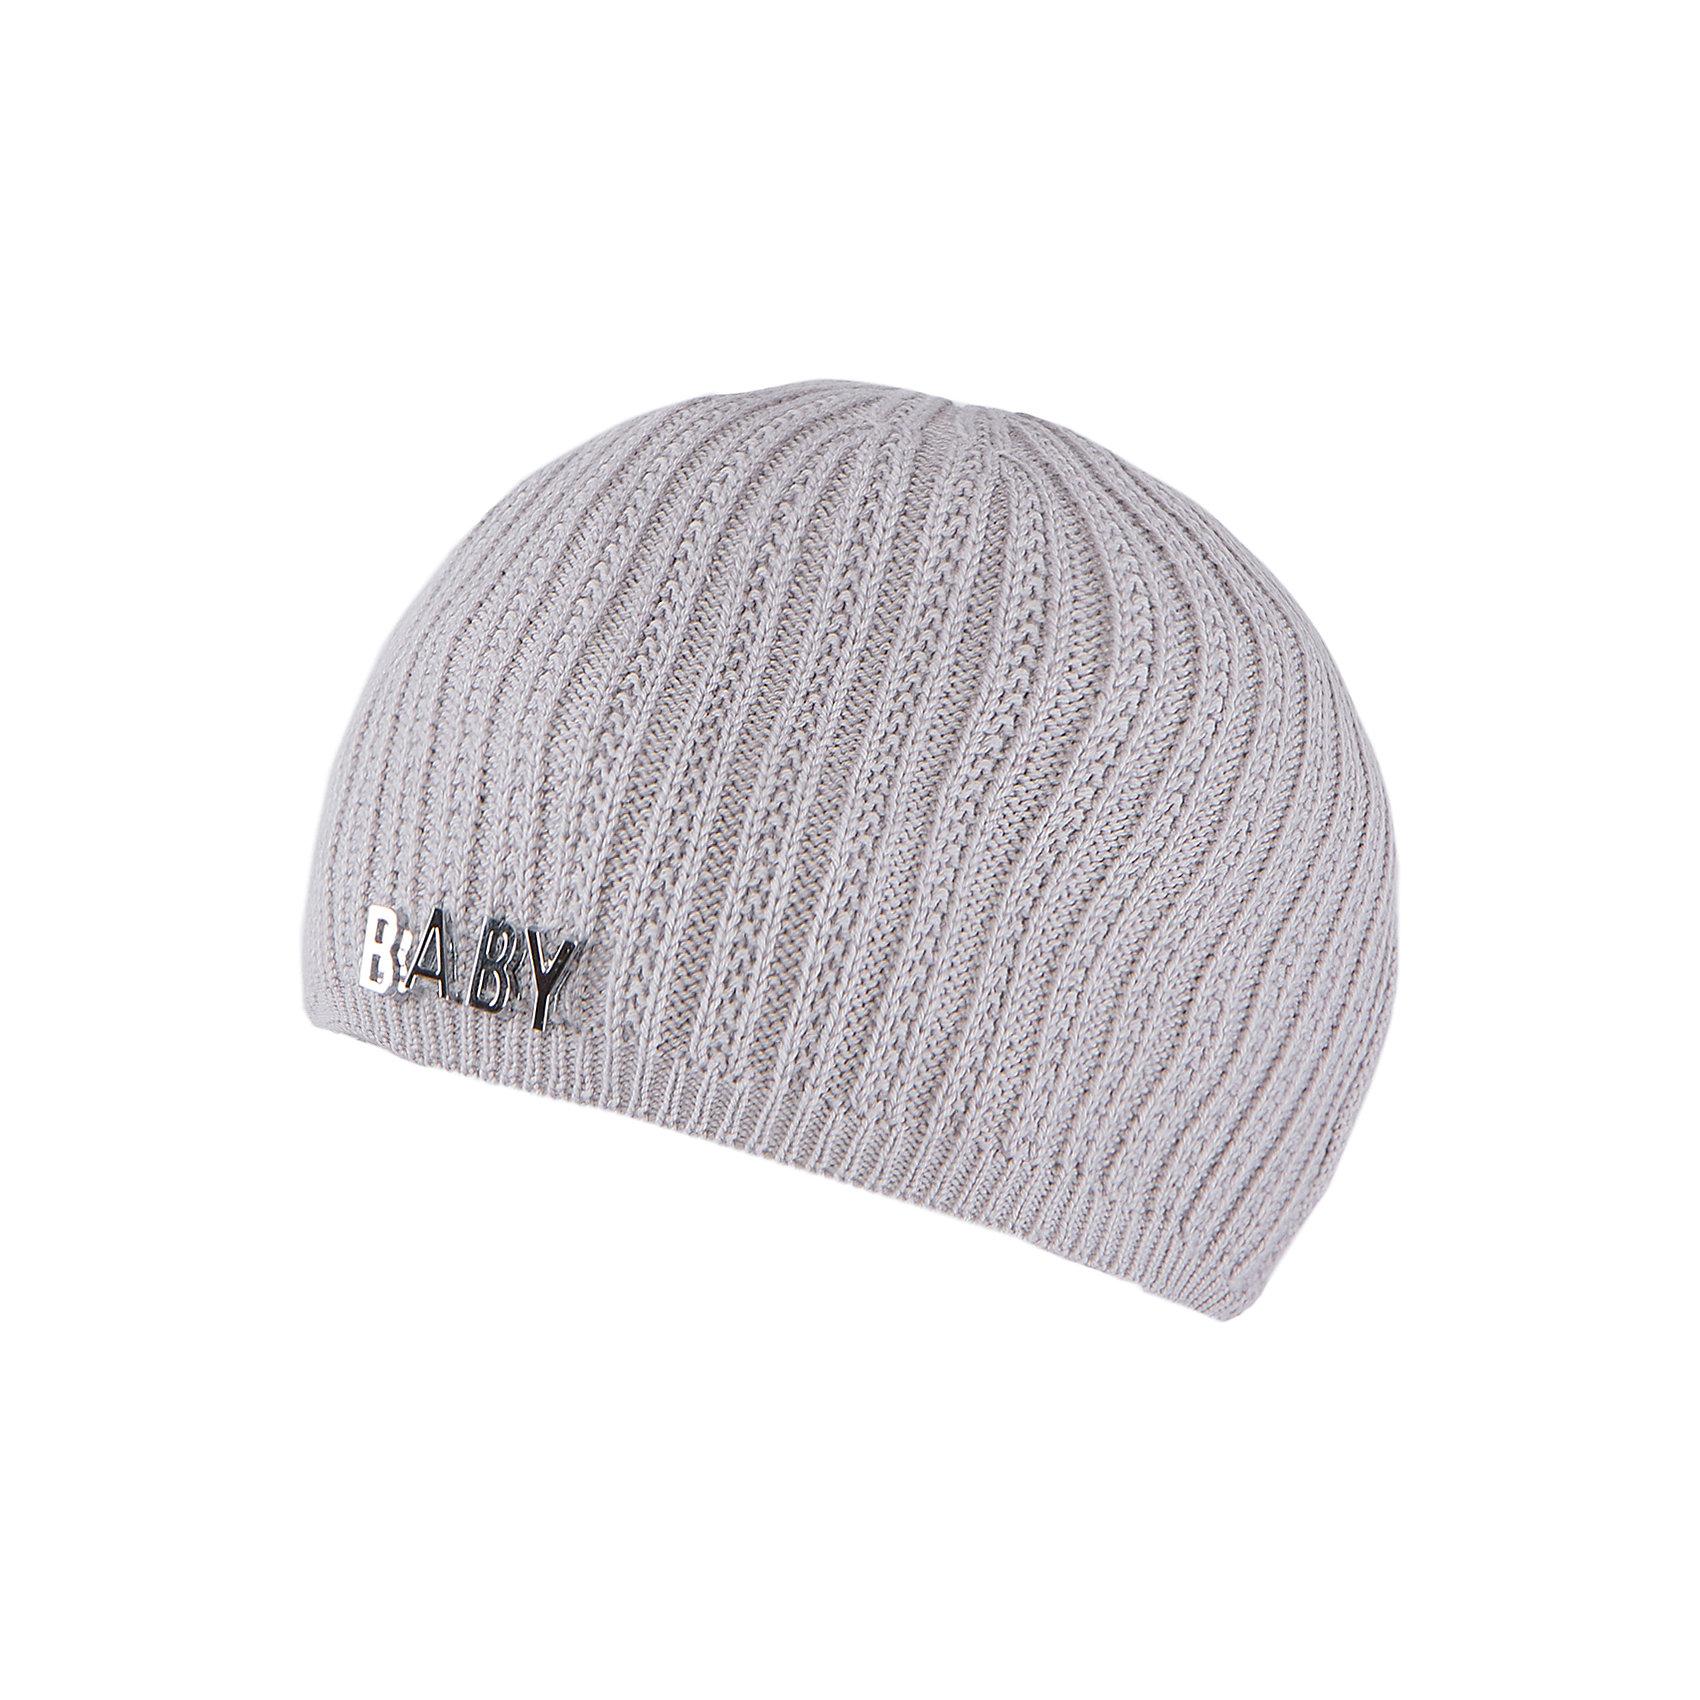 Шапка АртельШапка от торговой марки Артель <br><br>Мягкая хлопковая шапка отлично смотрится на детях и комфортно сидит.  Изделие выполнено из качественных натуральных материалов.<br>Одежда от бренда Артель – это высокое качество по приемлемой цене и всегда продуманный дизайн. <br><br>Особенности модели: <br>- цвет — серый; <br>- вязка лапшой; <br>- материал - натуральный хлопок. <br><br>Дополнительная информация: <br><br>Состав: 100% хлопок.<br><br>Температурный режим: <br>от 0 °C до +15 °C <br><br>Шапку Артель (Artel) можно купить в нашем магазине.<br><br>Ширина мм: 89<br>Глубина мм: 117<br>Высота мм: 44<br>Вес г: 155<br>Цвет: серый<br>Возраст от месяцев: 3<br>Возраст до месяцев: 4<br>Пол: Унисекс<br>Возраст: Детский<br>Размер: 42,46,44<br>SKU: 4500737